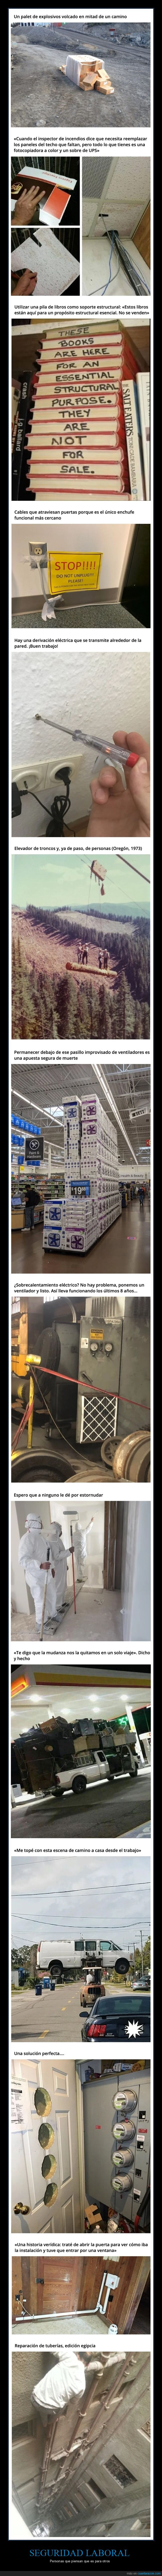 seguridad laboral,wtf